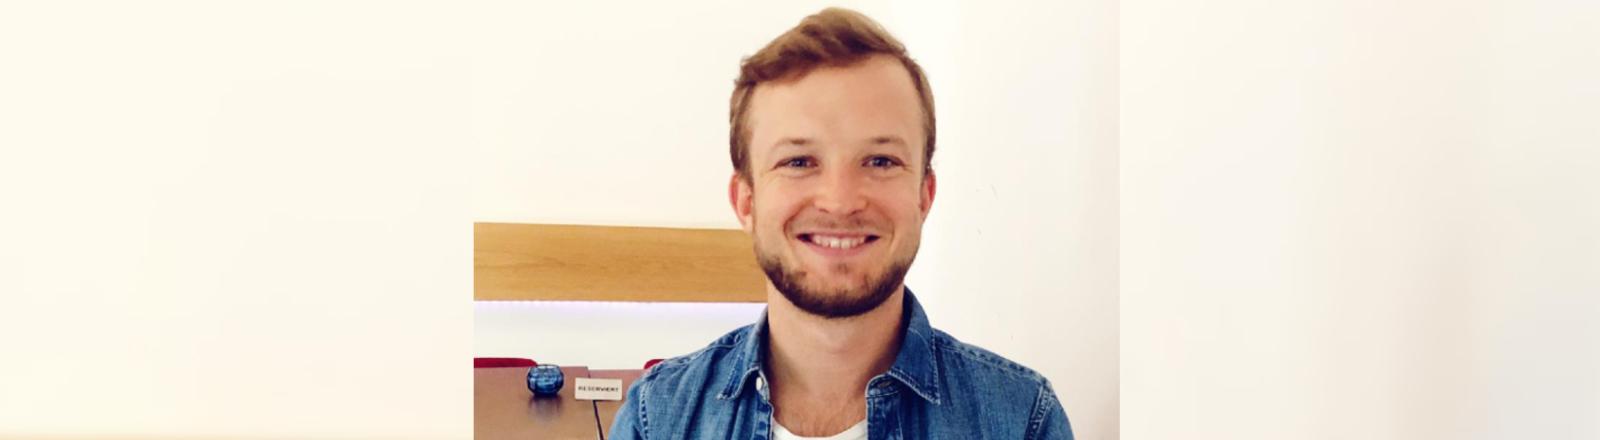 Arbeitspsychologe Benedikt Ewald.